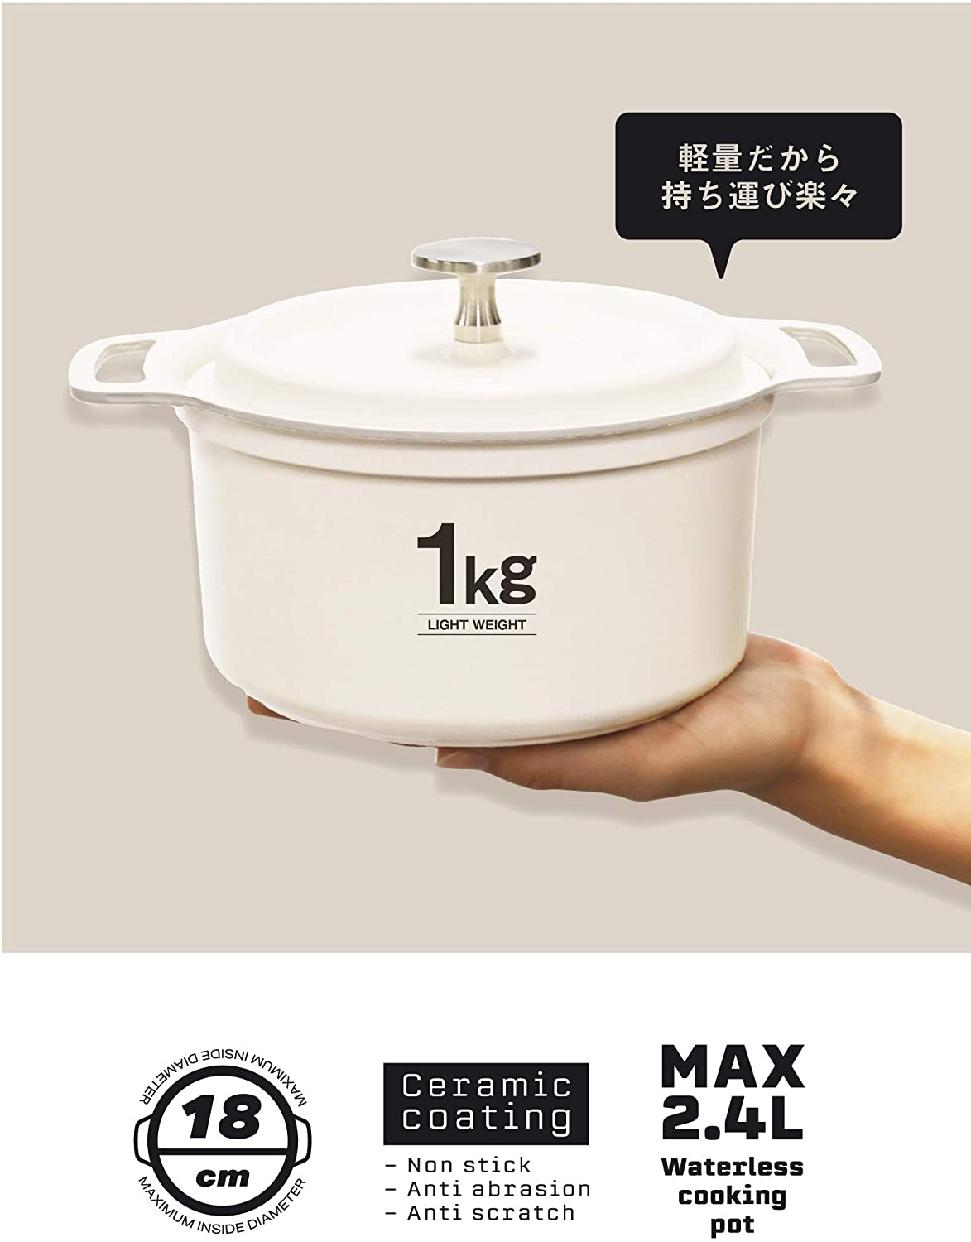 copan(コパン) 無水調理ができる鍋 18cmの商品画像3